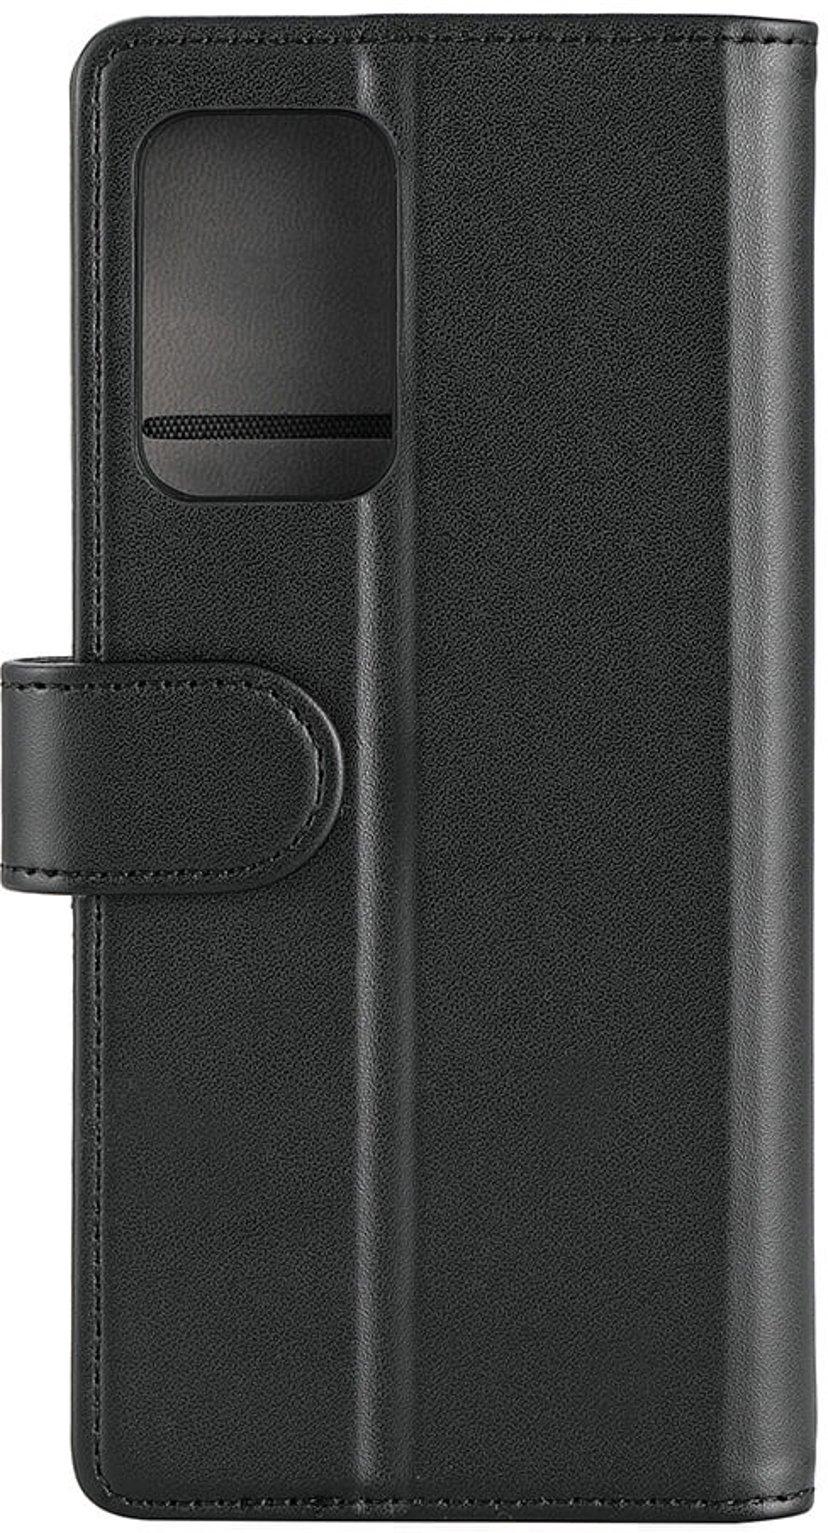 Gear Wallet Case Samsung Galaxy A12 Musta